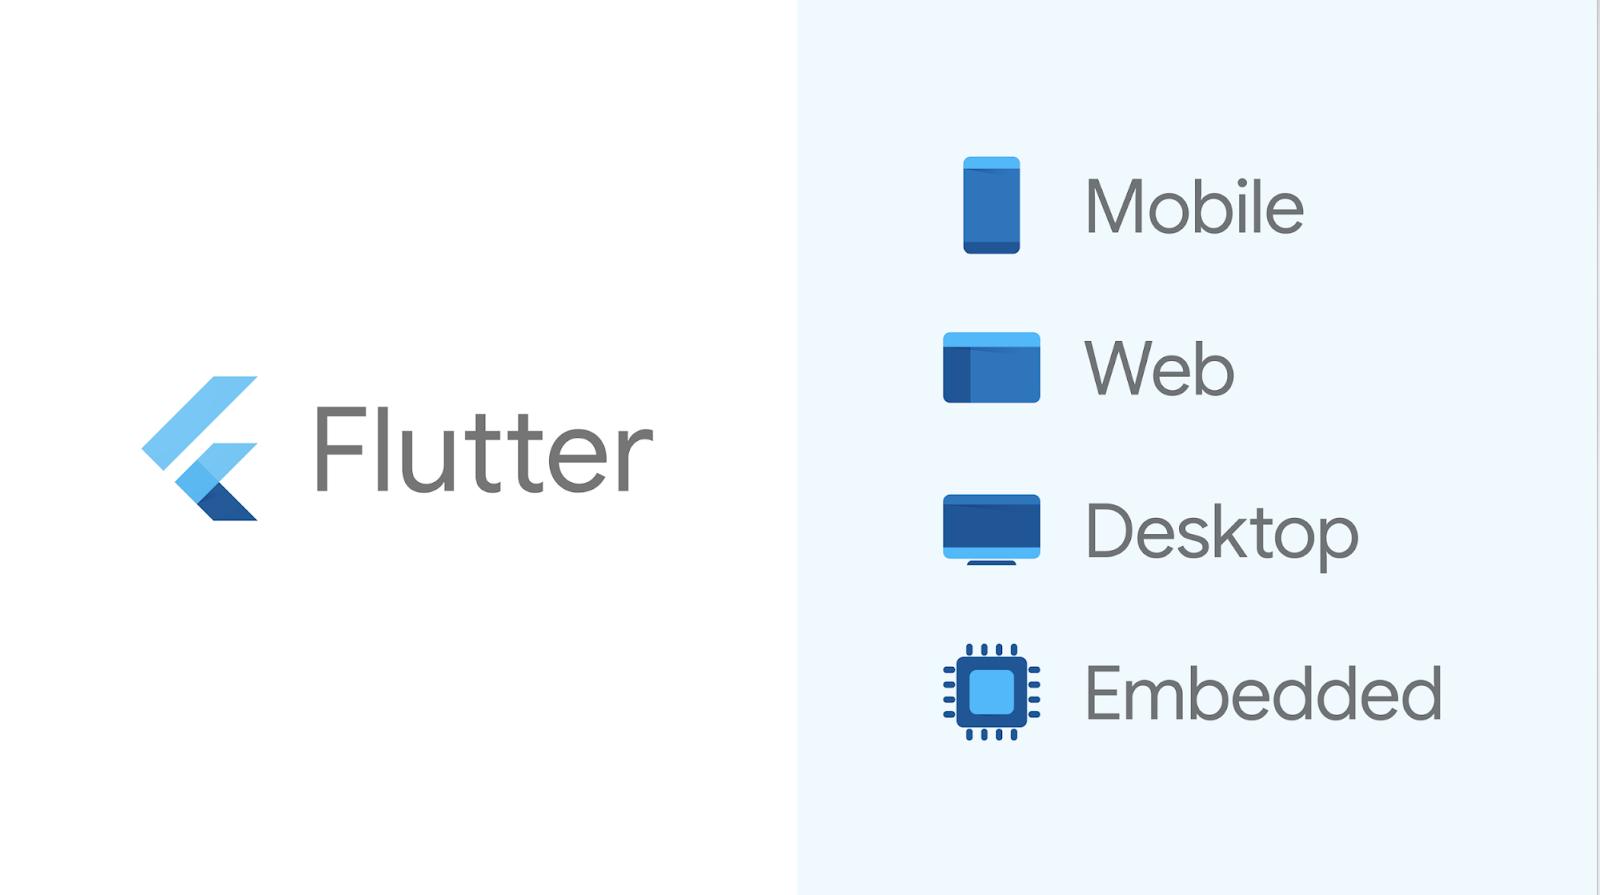 Flutter Mobile, Web, Desktop, and Embedded